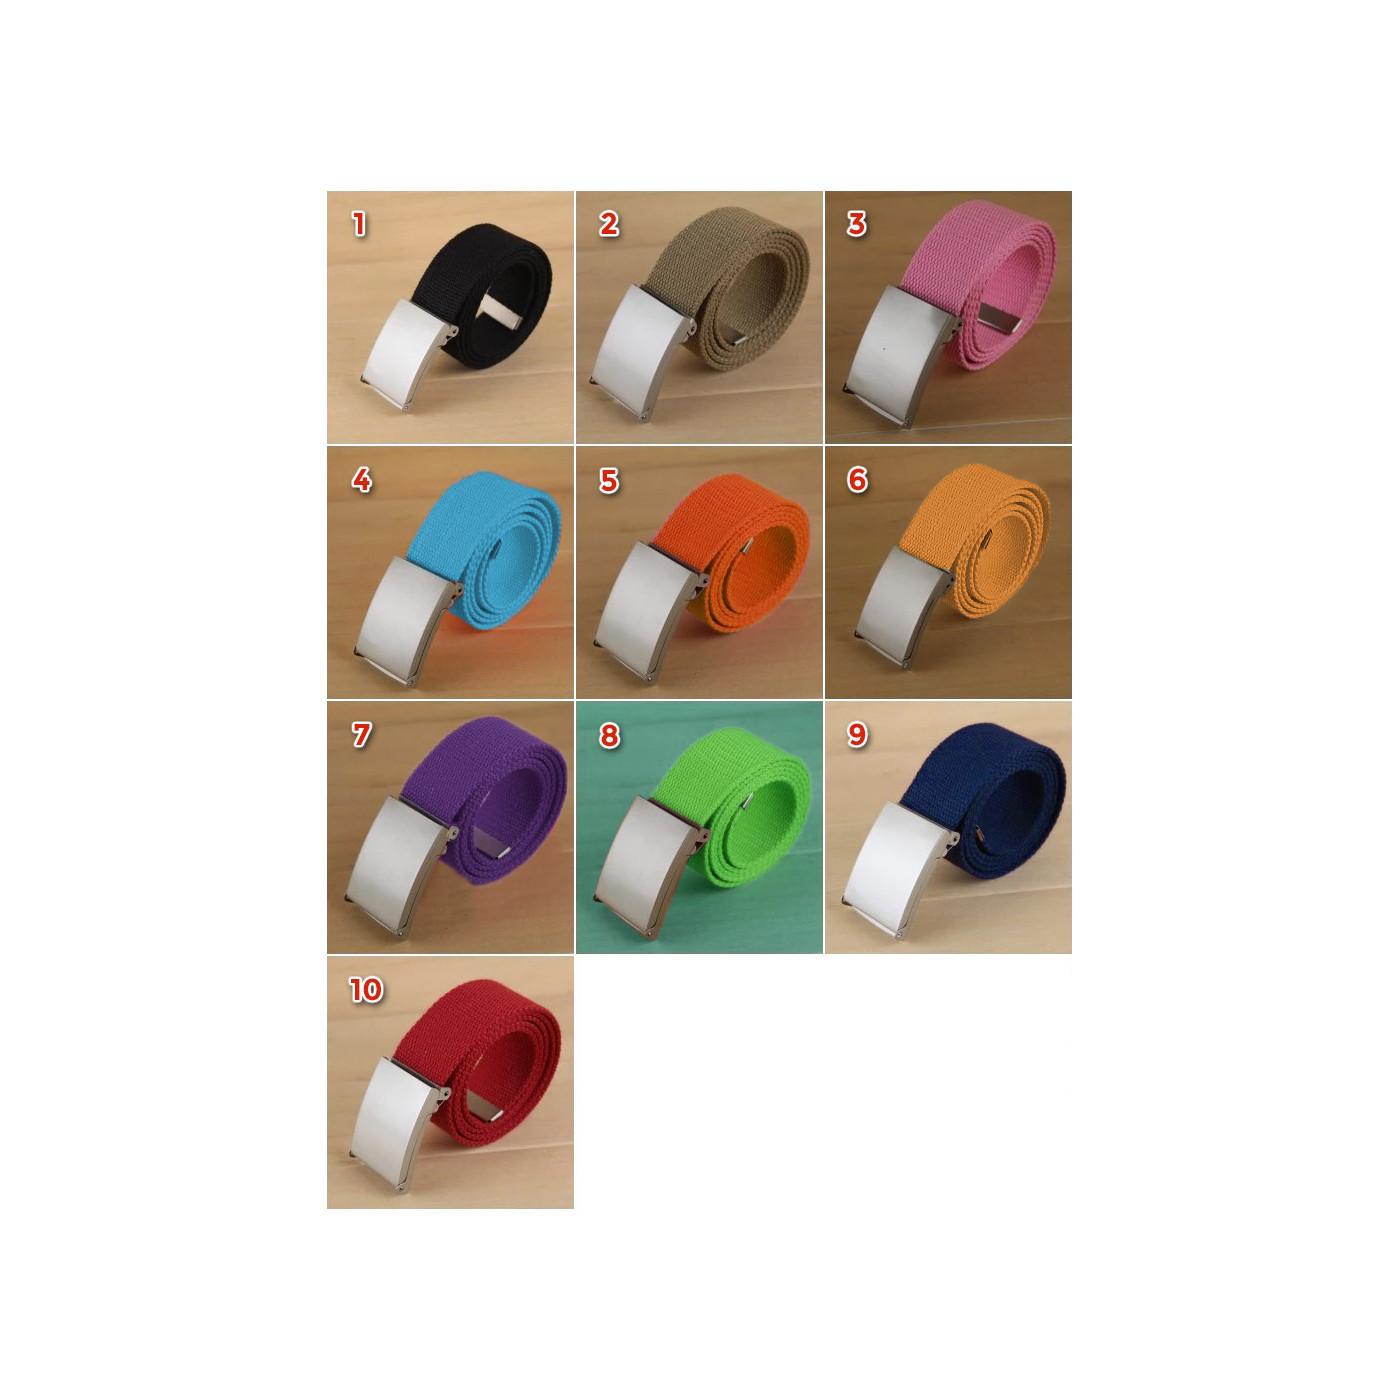 Set von 5 einfachen, lässigen Gürteln, rot (Farbe 10)  - 1